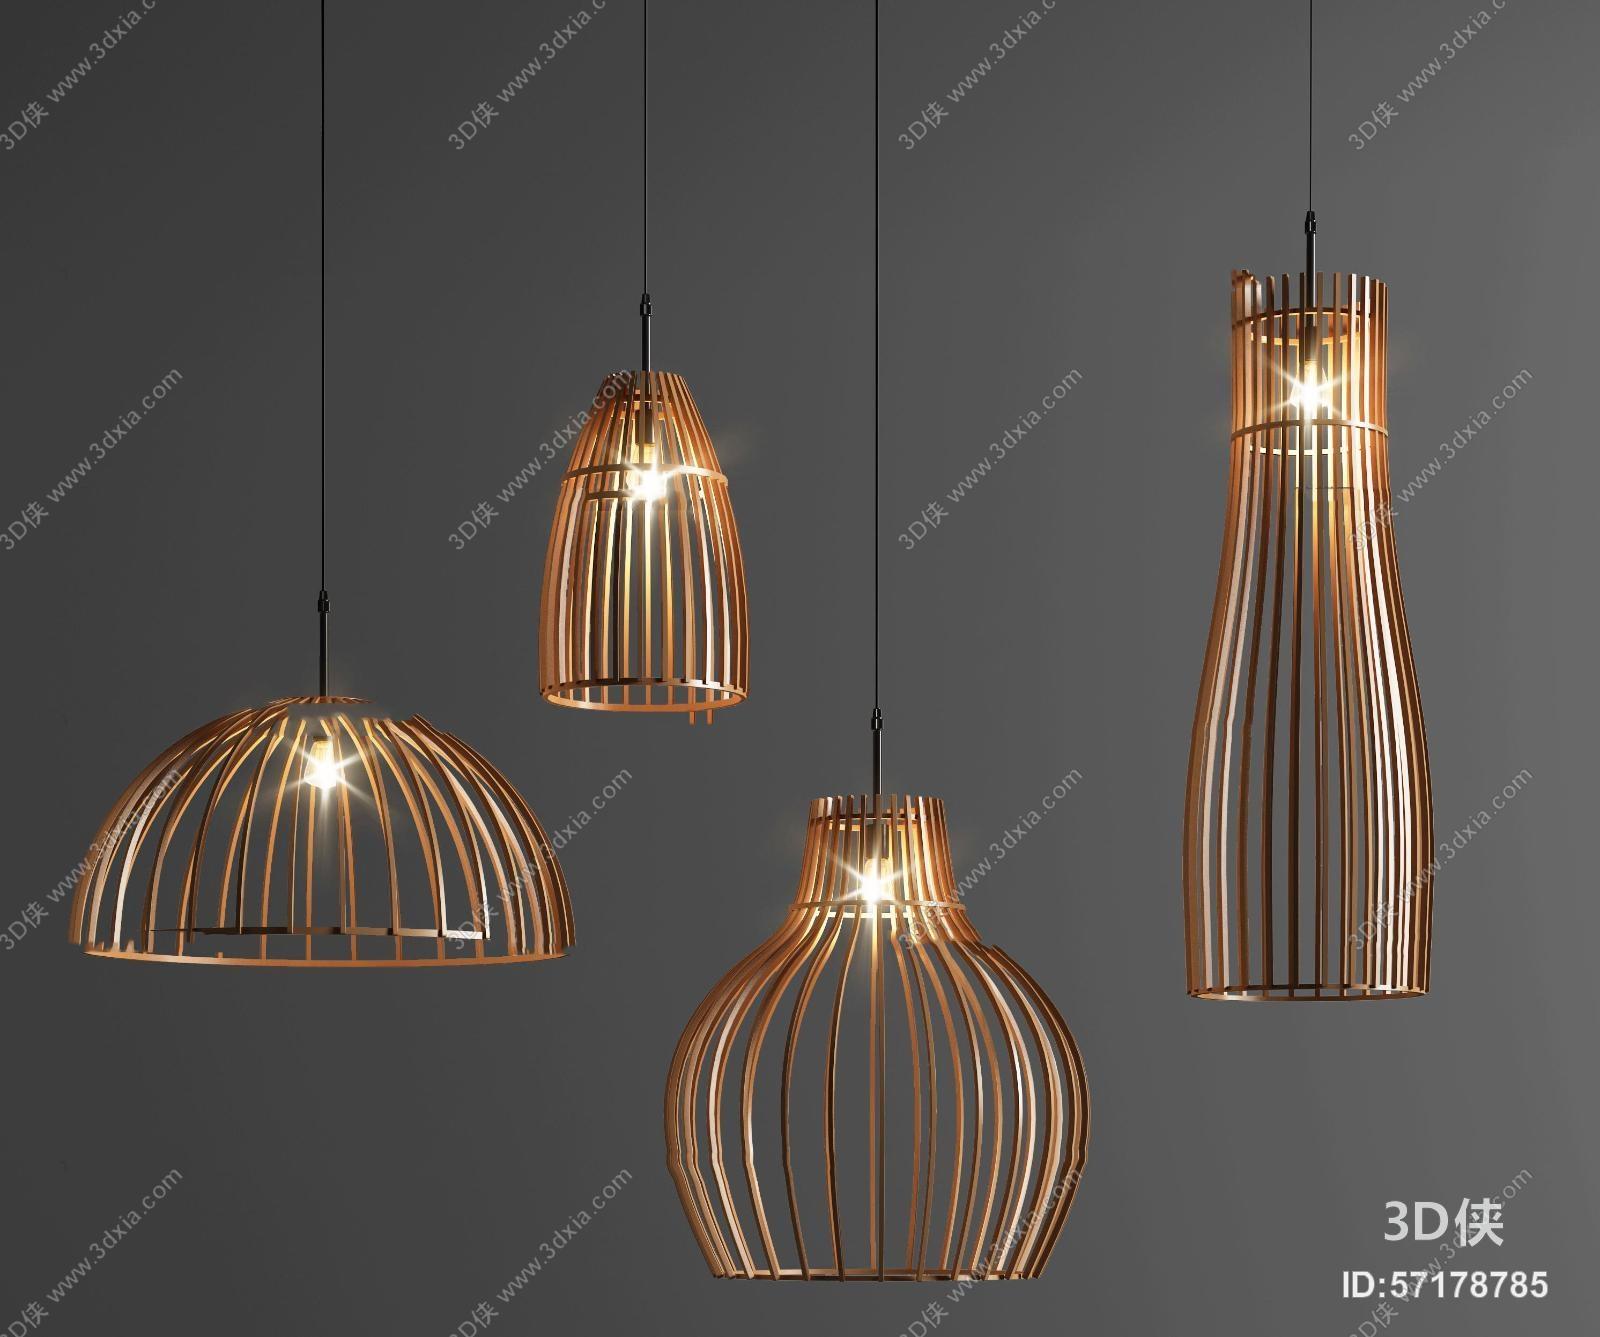 吊灯效果图素材免费下载,本作品主题是现代金属小吊灯组合3d模型,编号